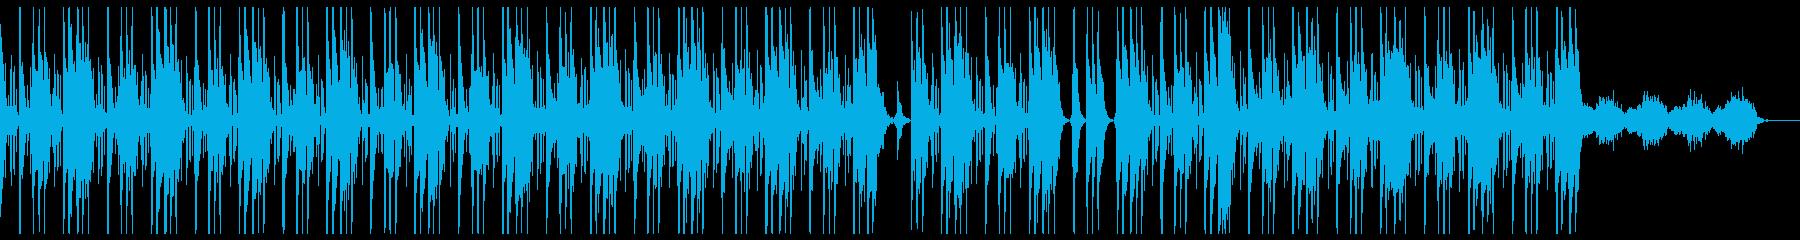 ダーク 洋楽 トラップビート クールの再生済みの波形